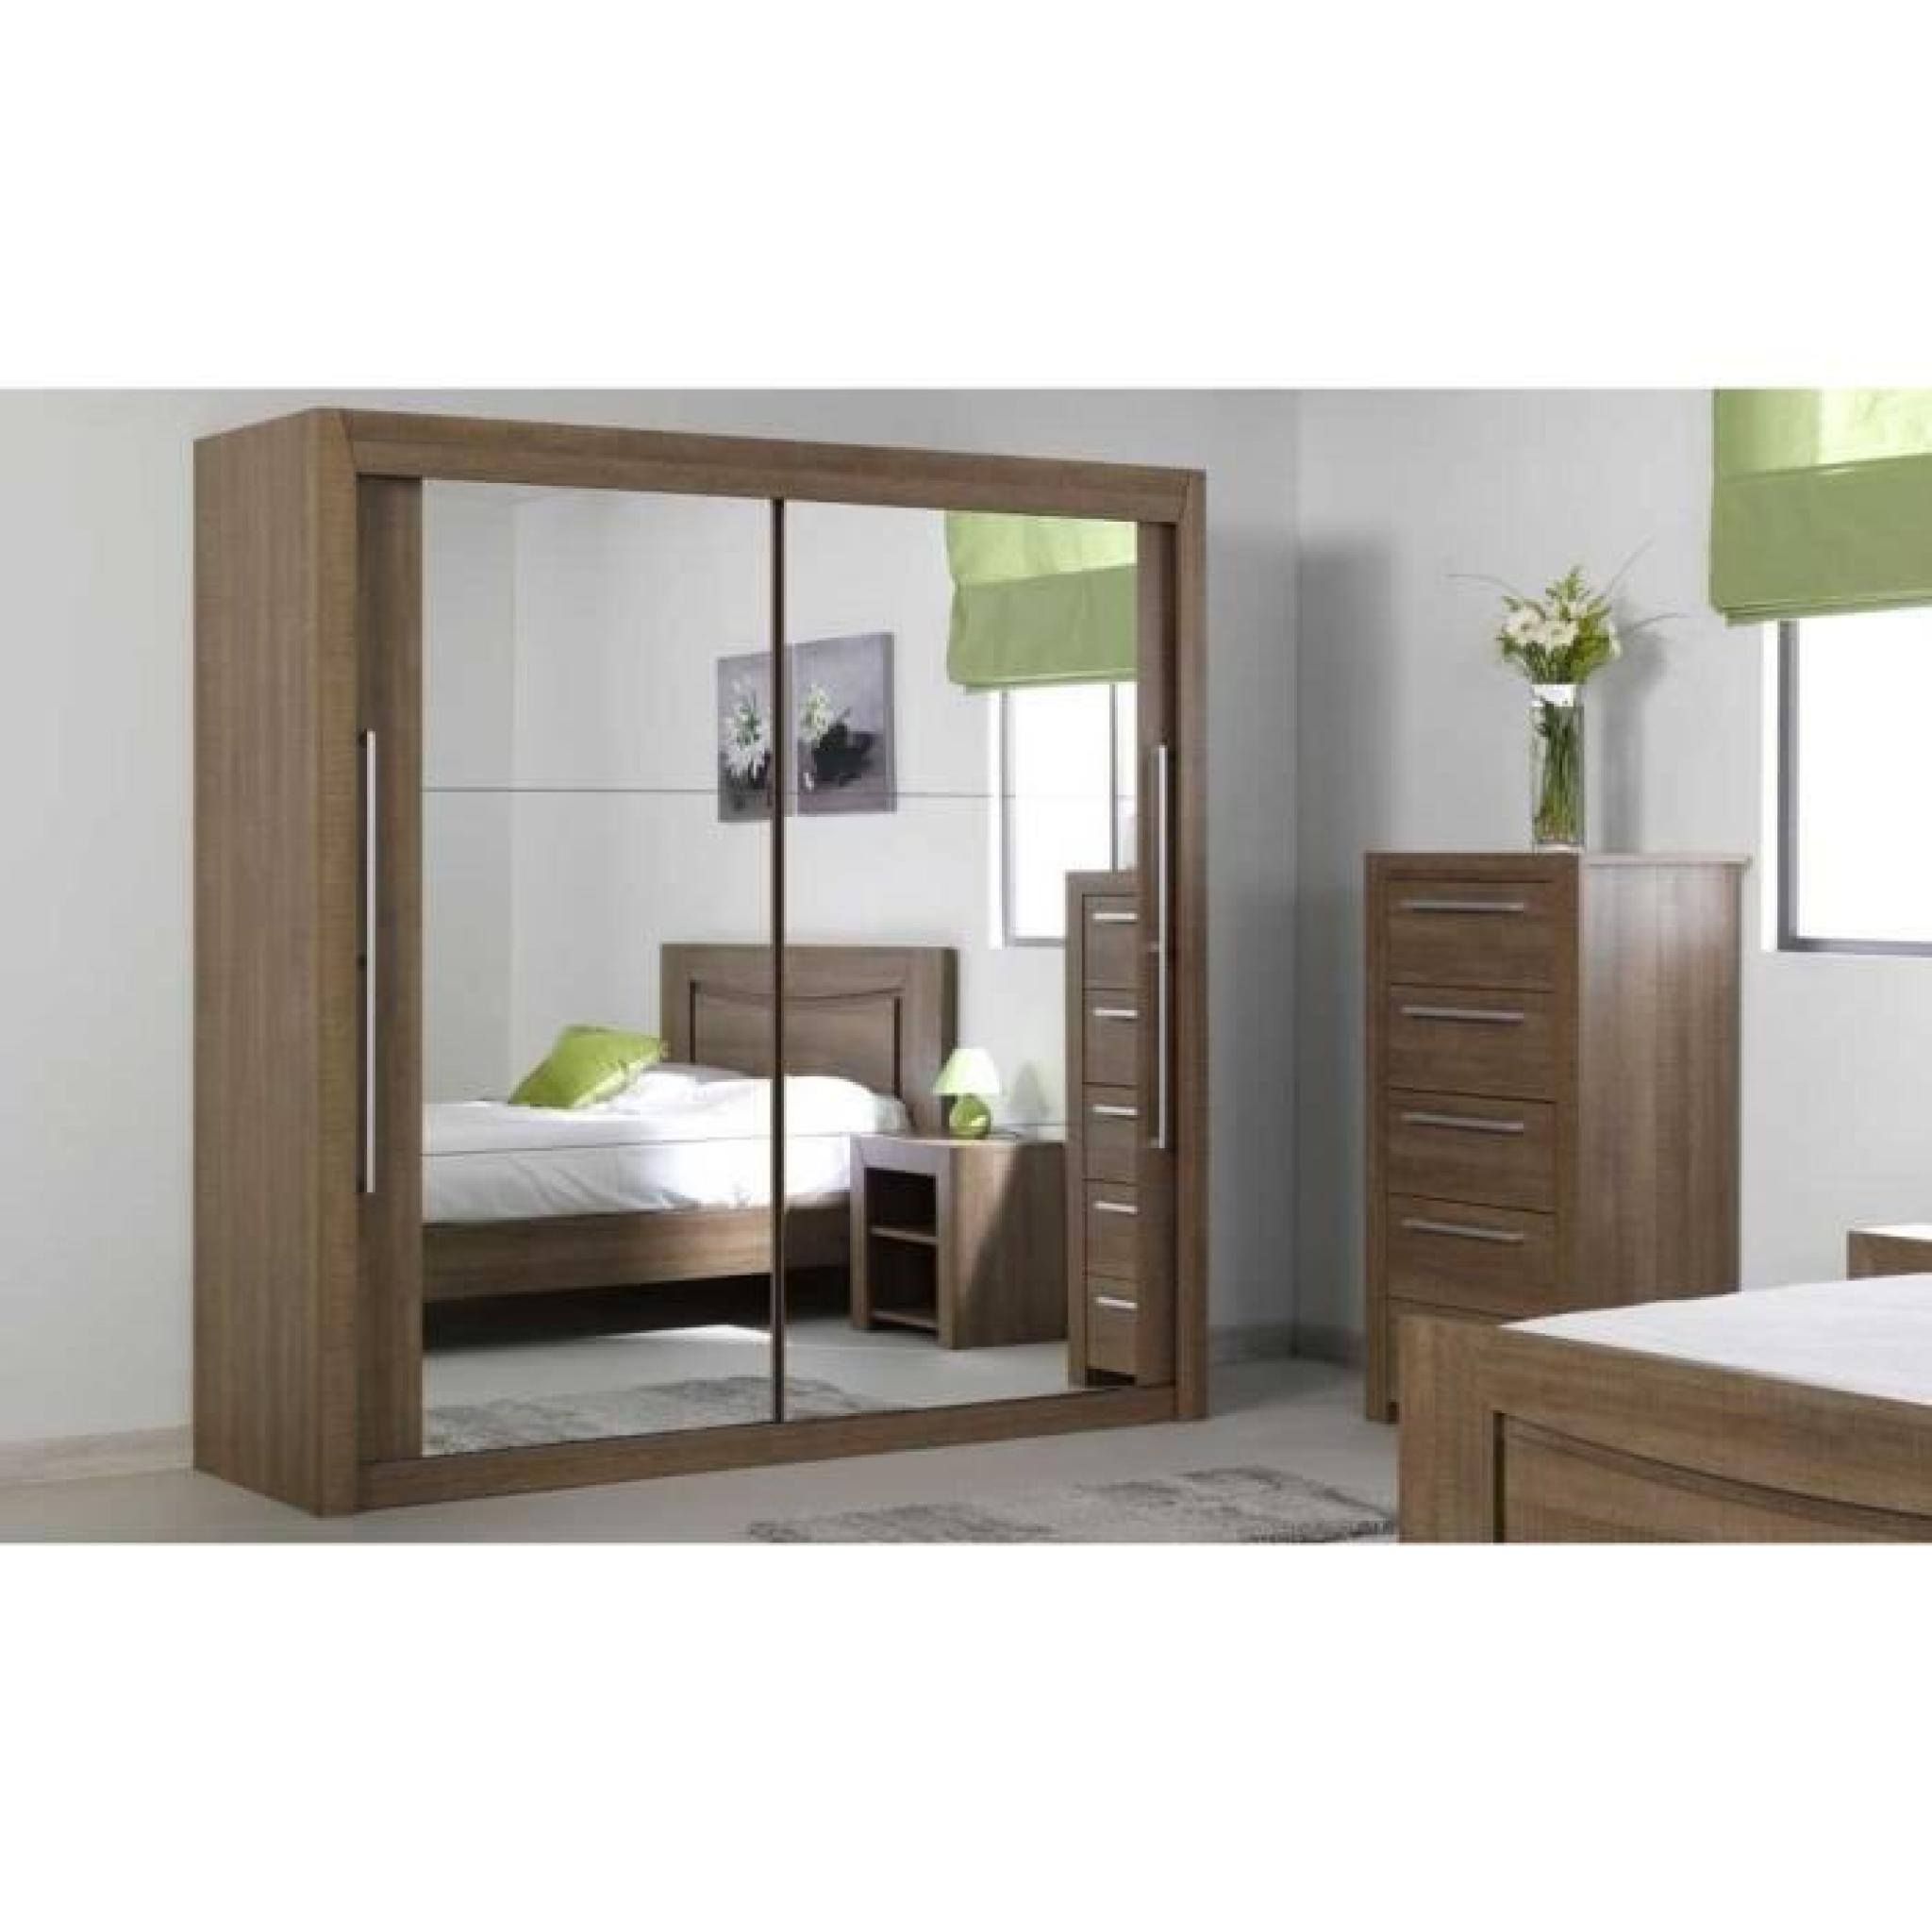 Armoire coulissante bora bois portes miroirs achat vente for Porte de chambre en bois pas cher